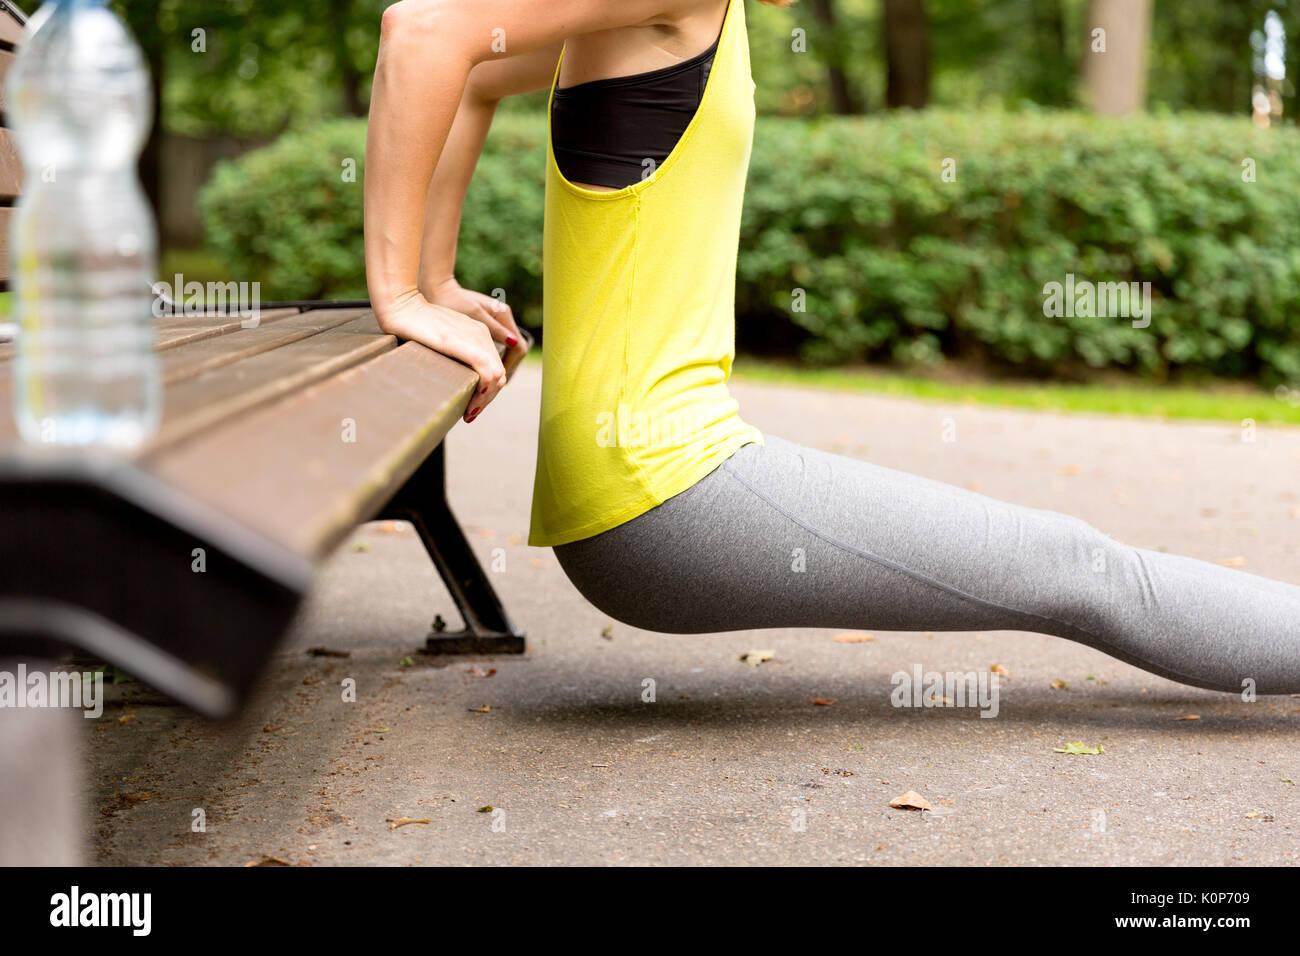 Sano giovane donna stretching prima di fitness e di esercizio nel parco, uno stile di vita sano concetto Immagini Stock